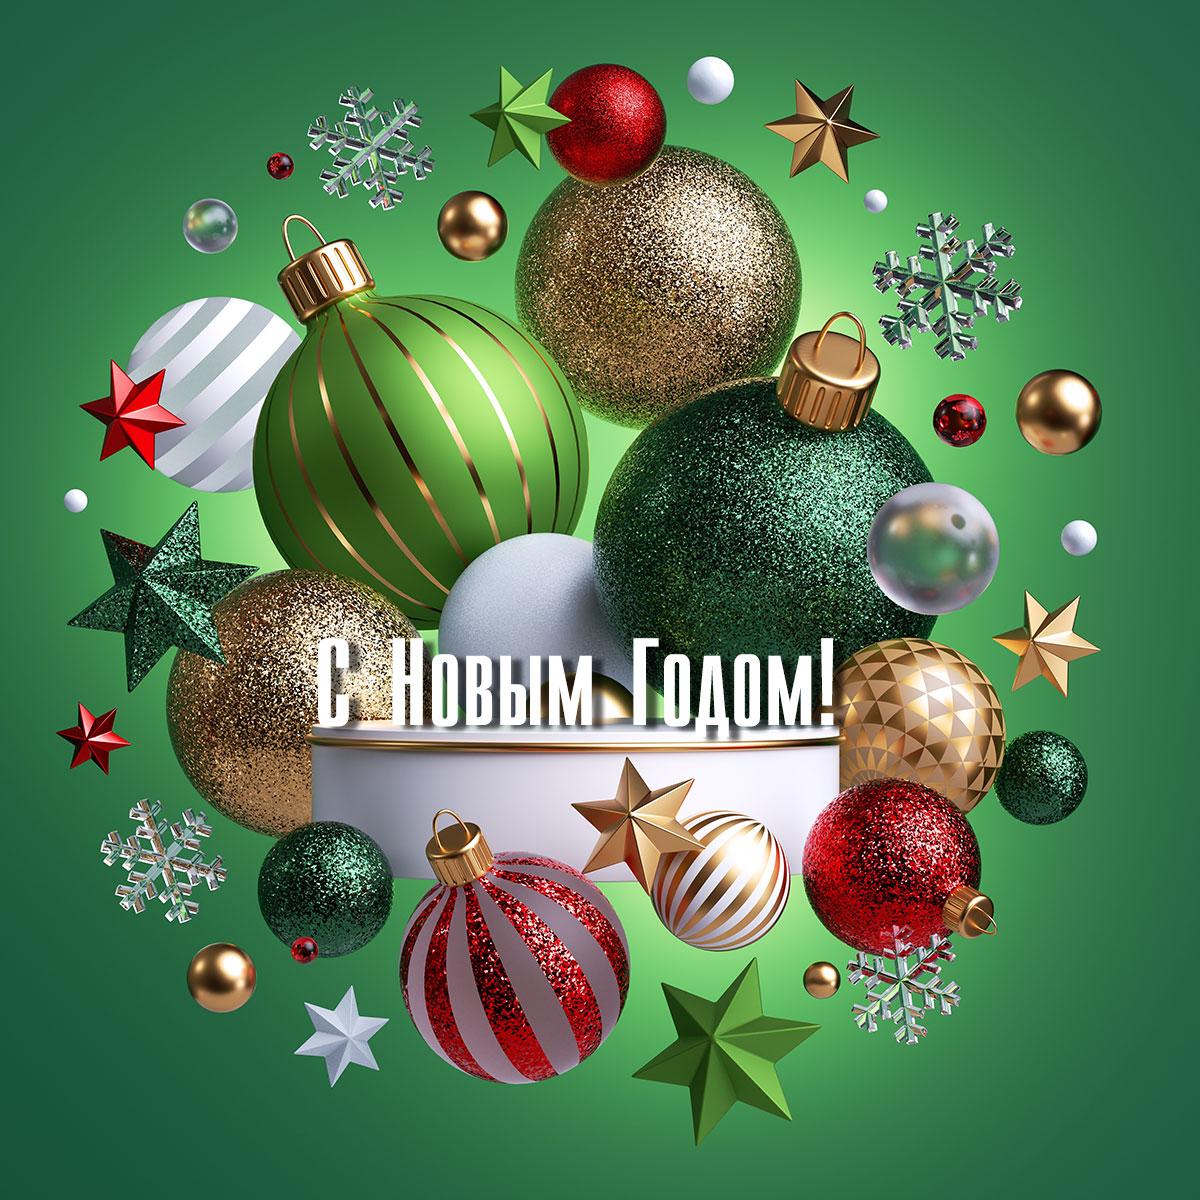 Картинки игрушки на новый год для рождественской ёлки на зелёном фоне с надписью.